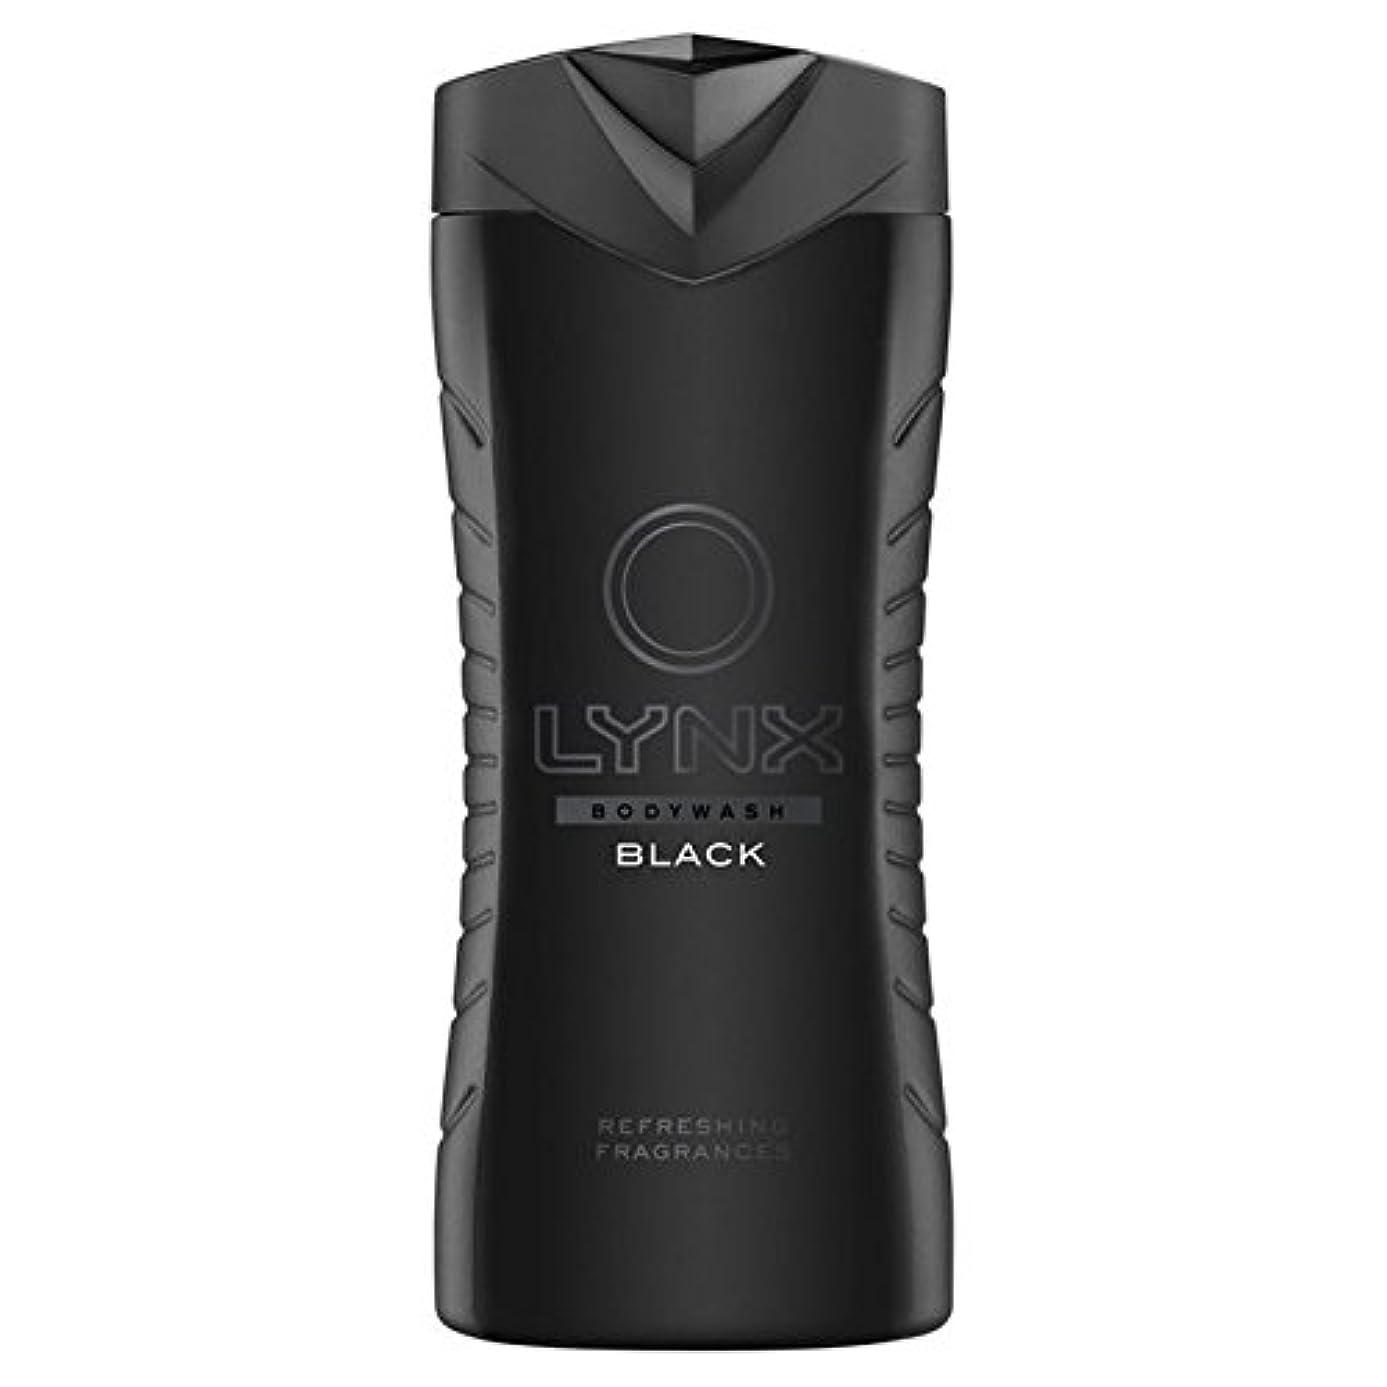 襟追加するまっすぐオオヤマネコブラックシャワージェル400ミリリットル x2 - Lynx Black Shower Gel 400ml (Pack of 2) [並行輸入品]